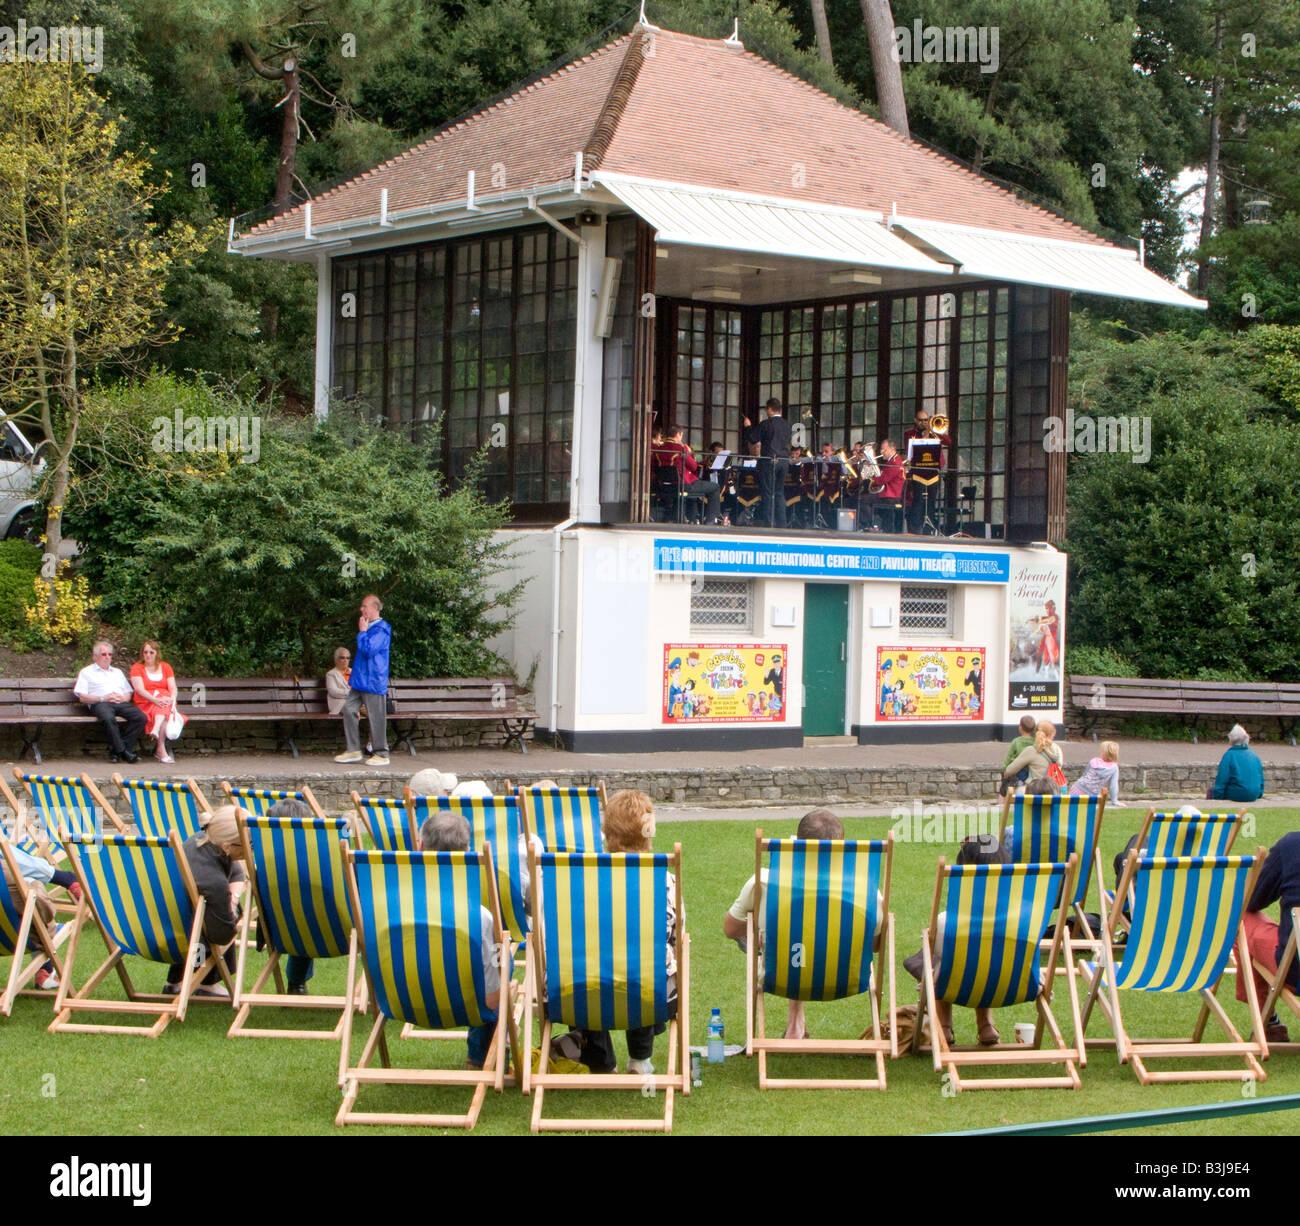 Menschen in Liegestühlen, die gerade ein Konzert in Bournemouth Gardens, Dorset, Großbritannien Stockbild